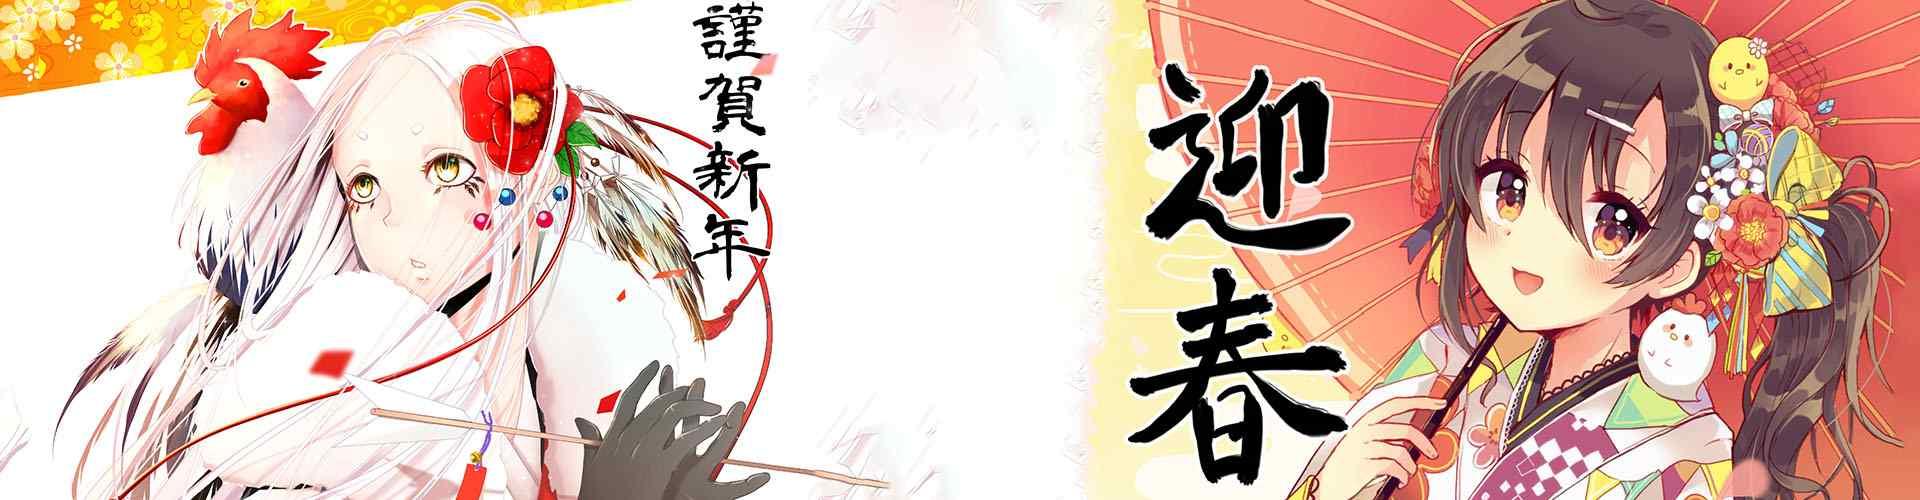 2017春节动漫图片_2017年卡通图片_春节动漫图片_春节卡通图片_节日图片大全